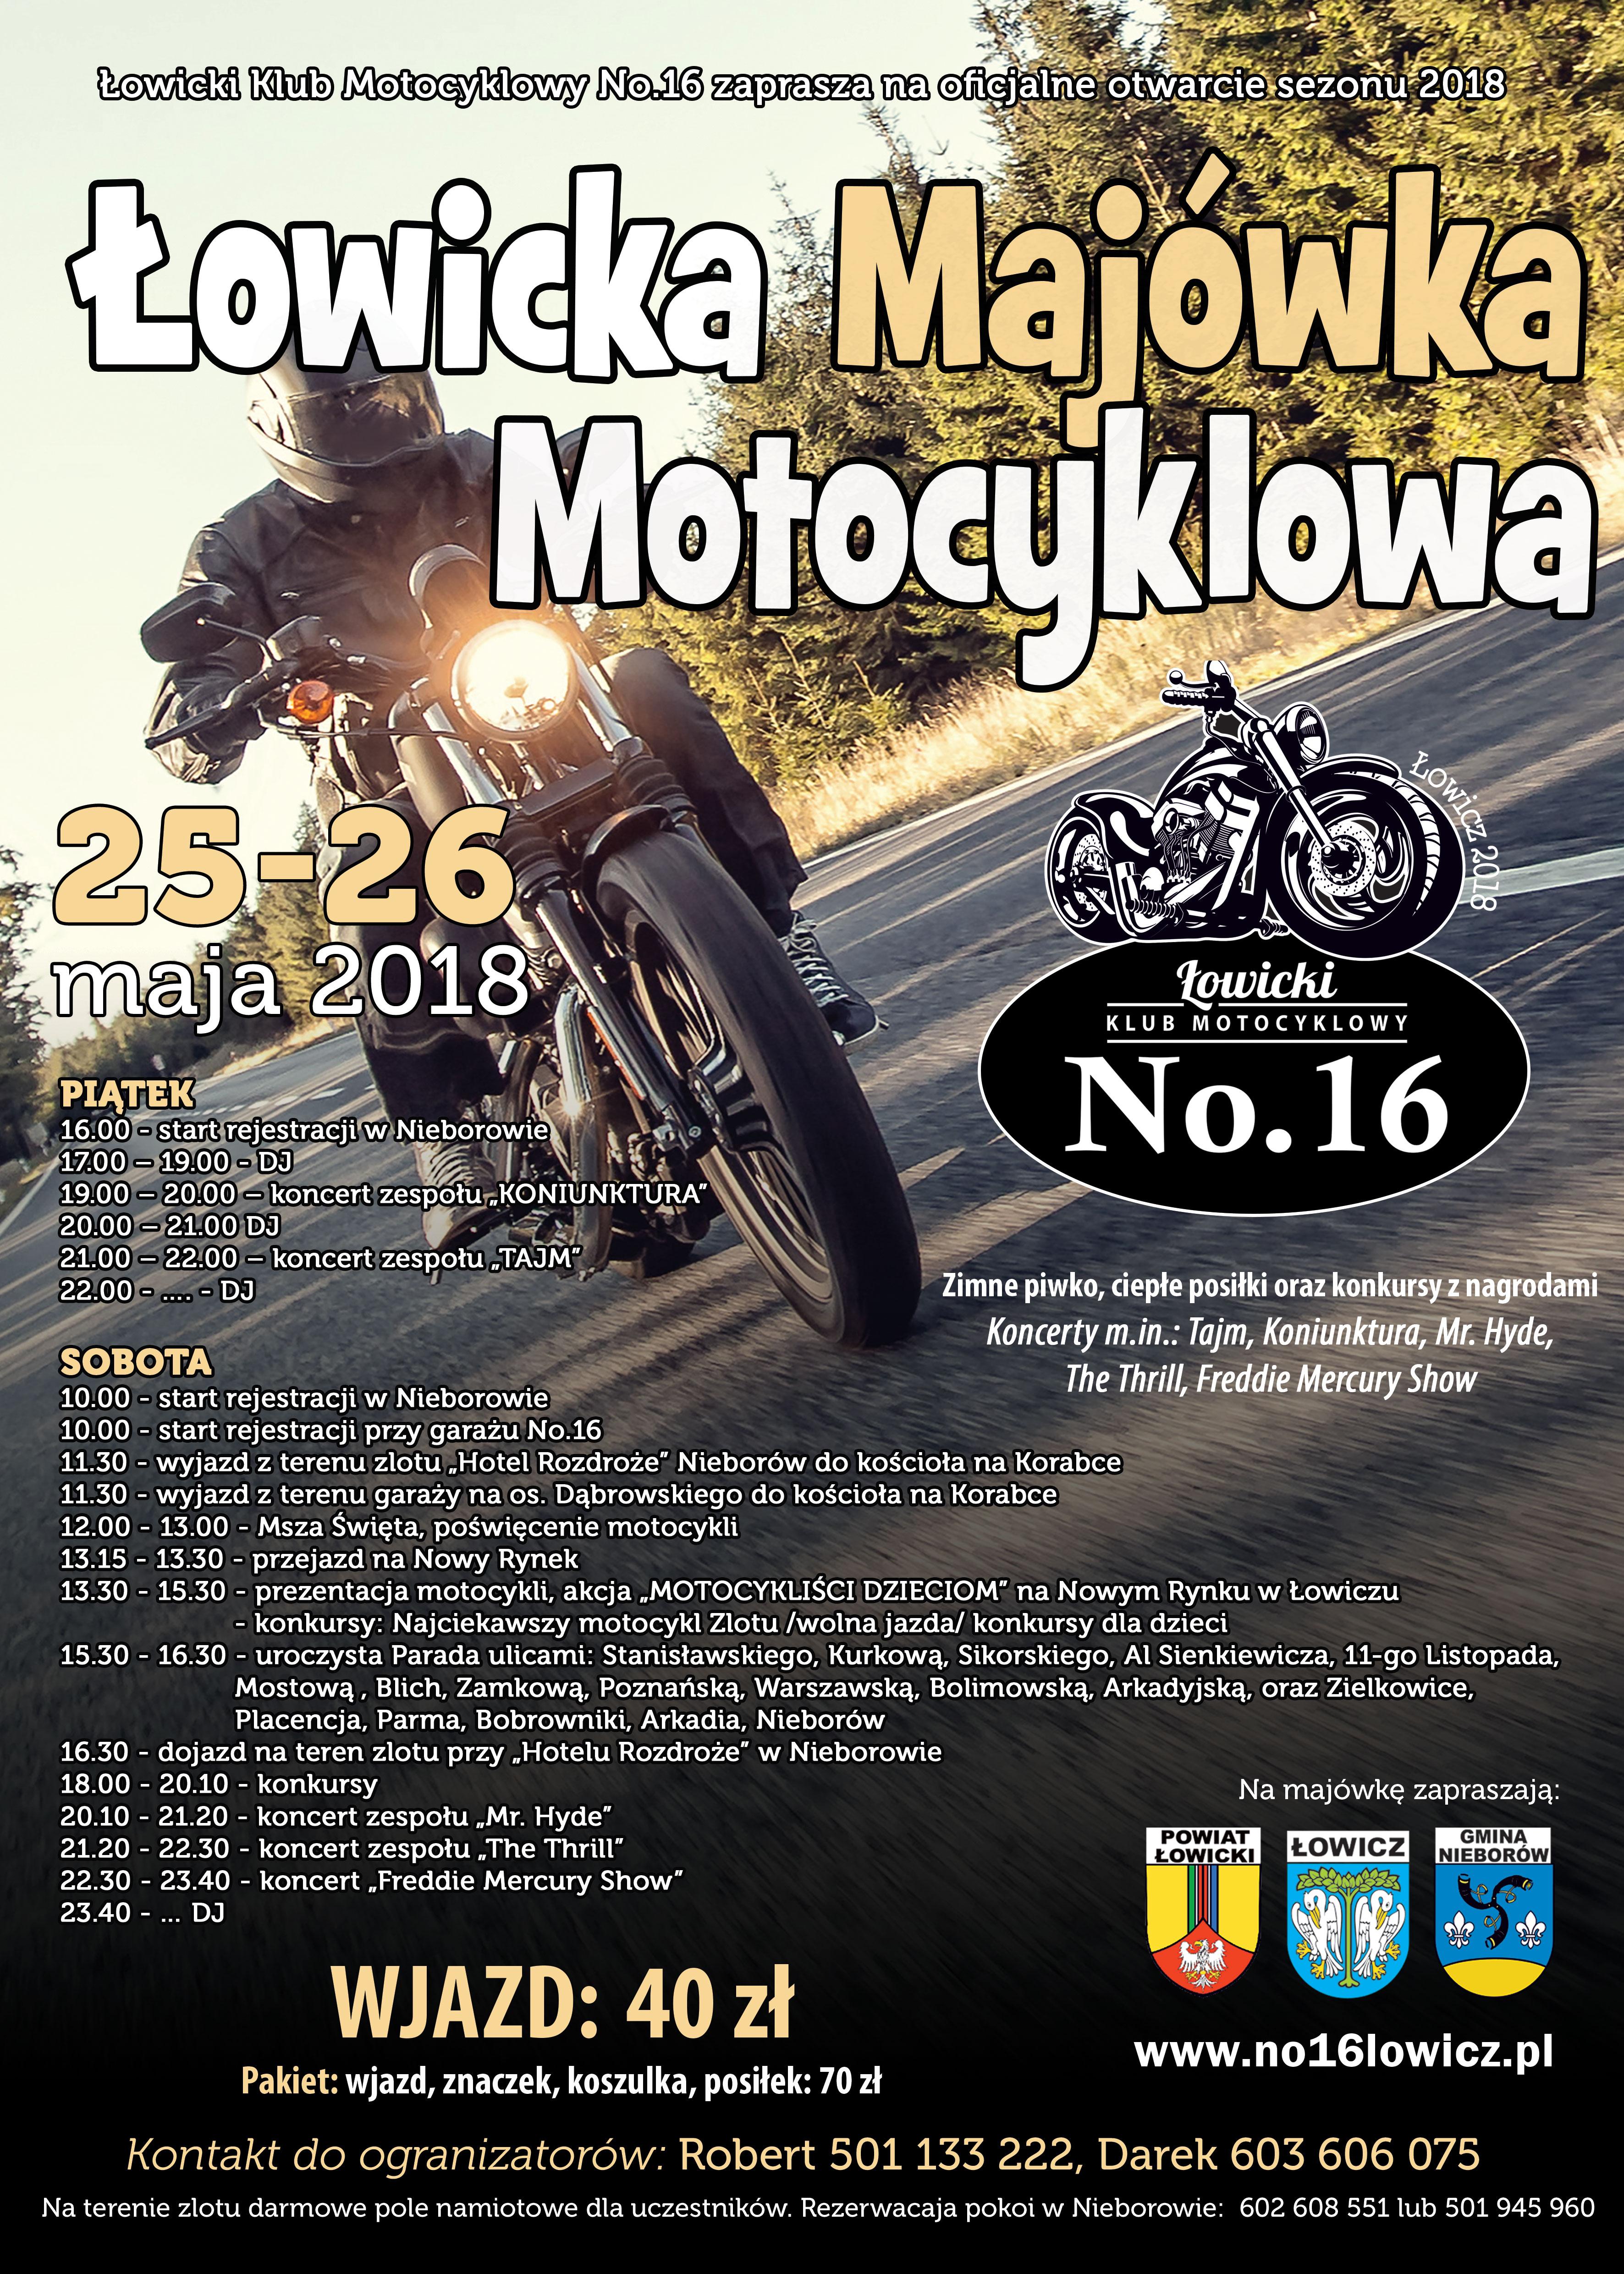 Łowicka Majówka Motocyklowa